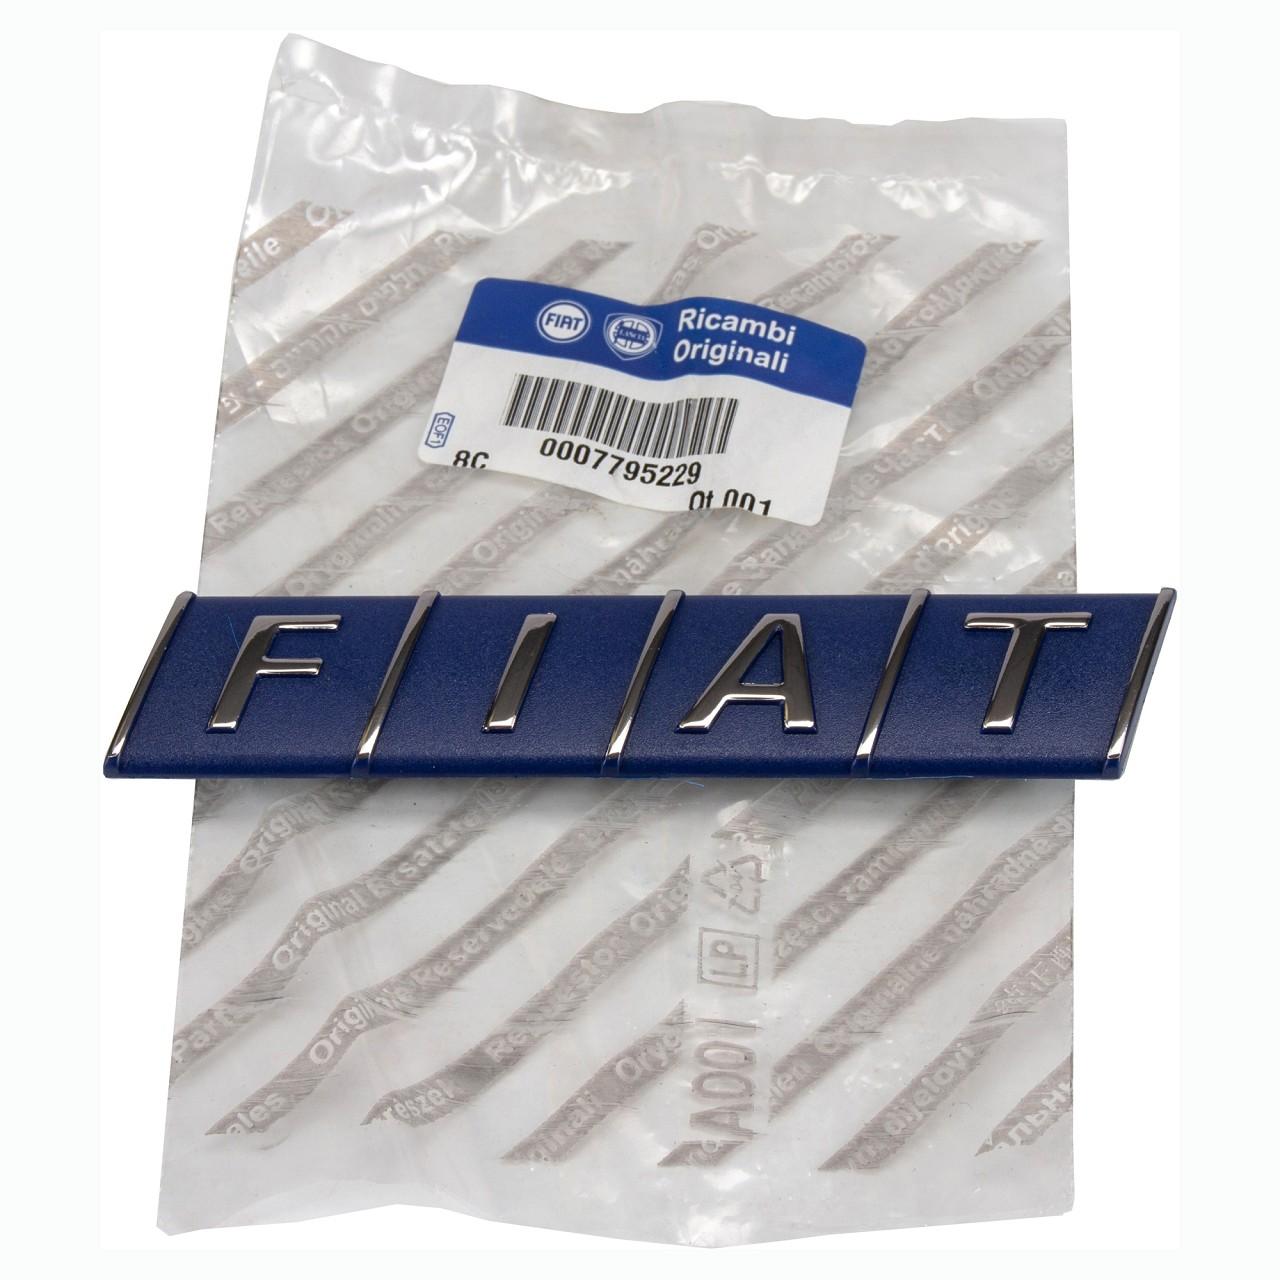 ORIGINAL Fiat Emblem Logo Plakette Heckklappe PUNTO (176_) UNO (146_) 7795229